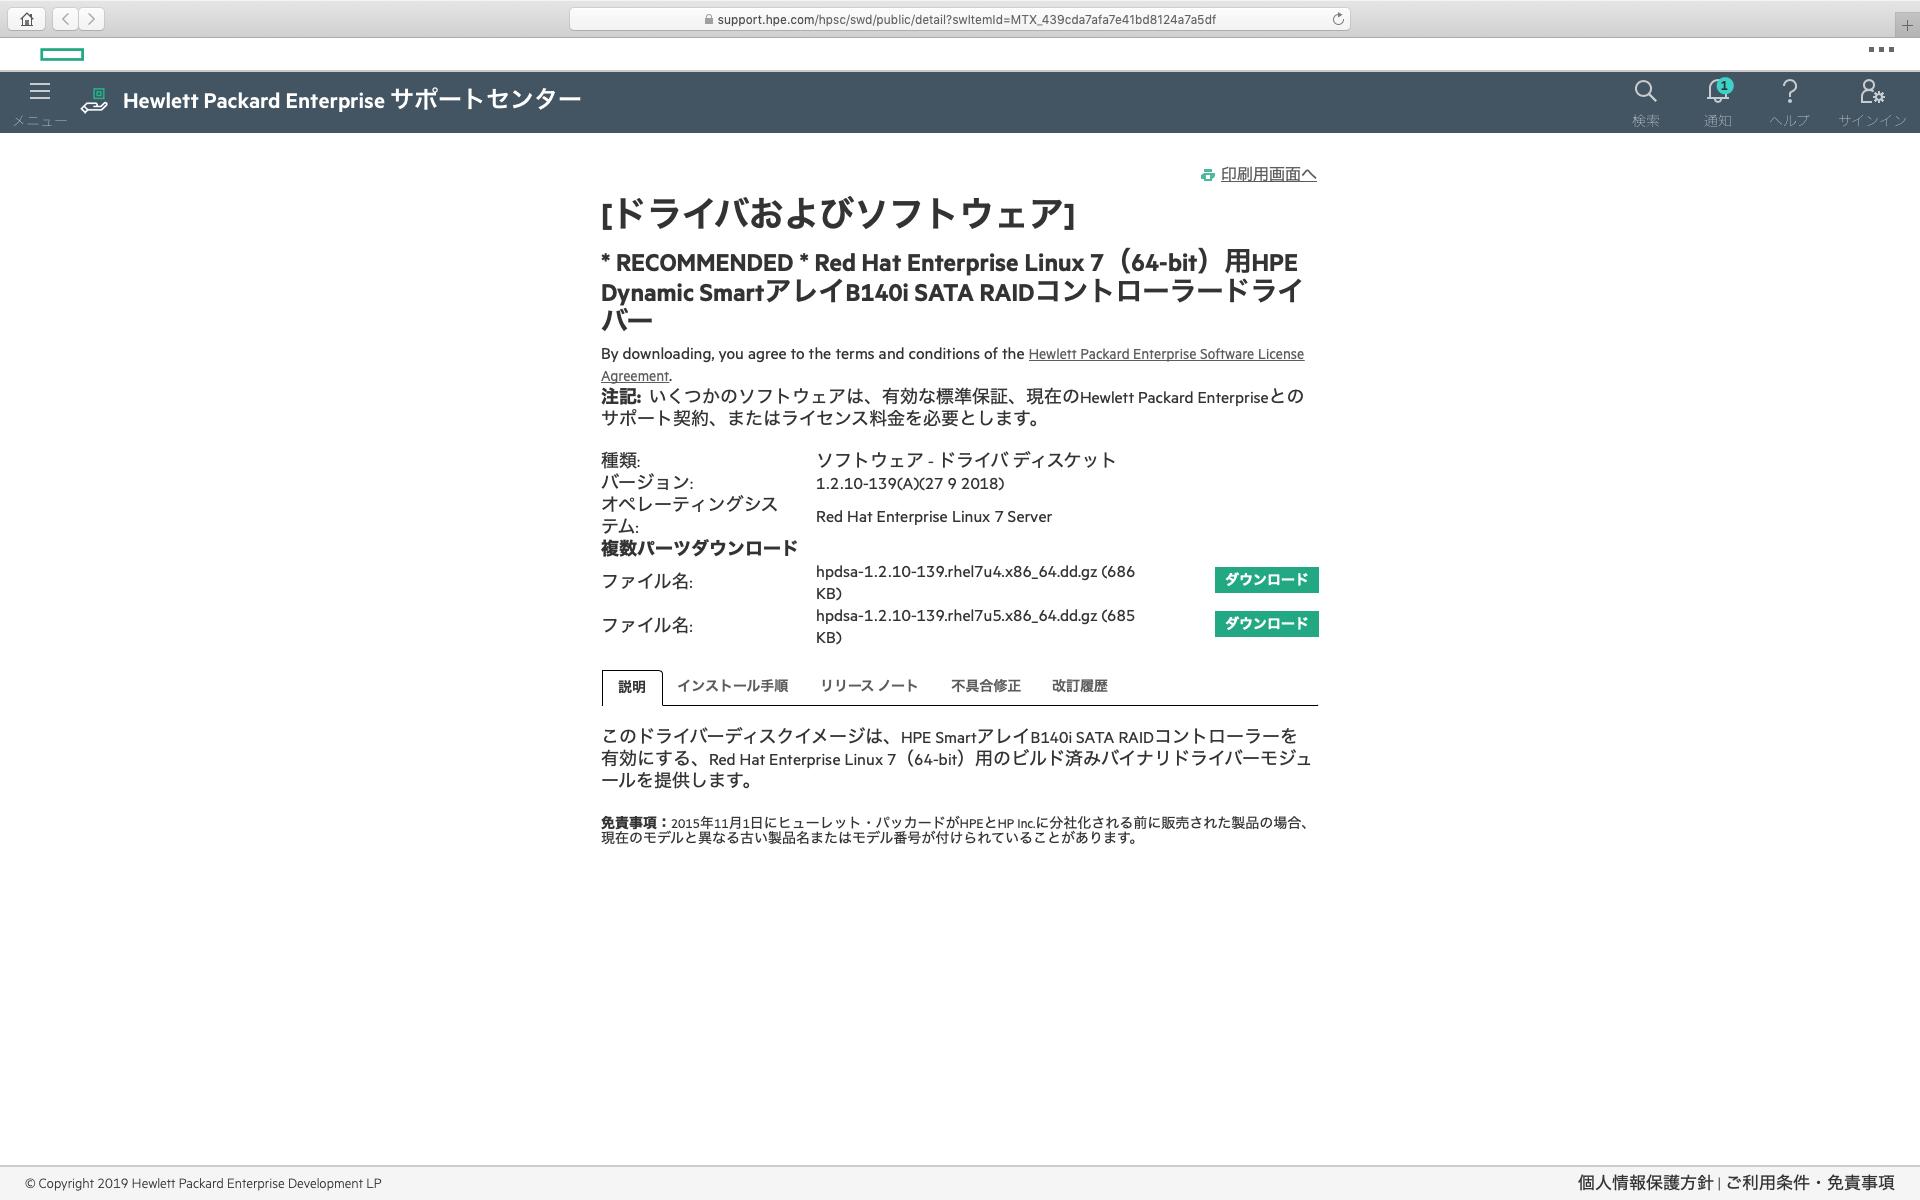 スクリーンショット 2019-05-21 9.34.04.png